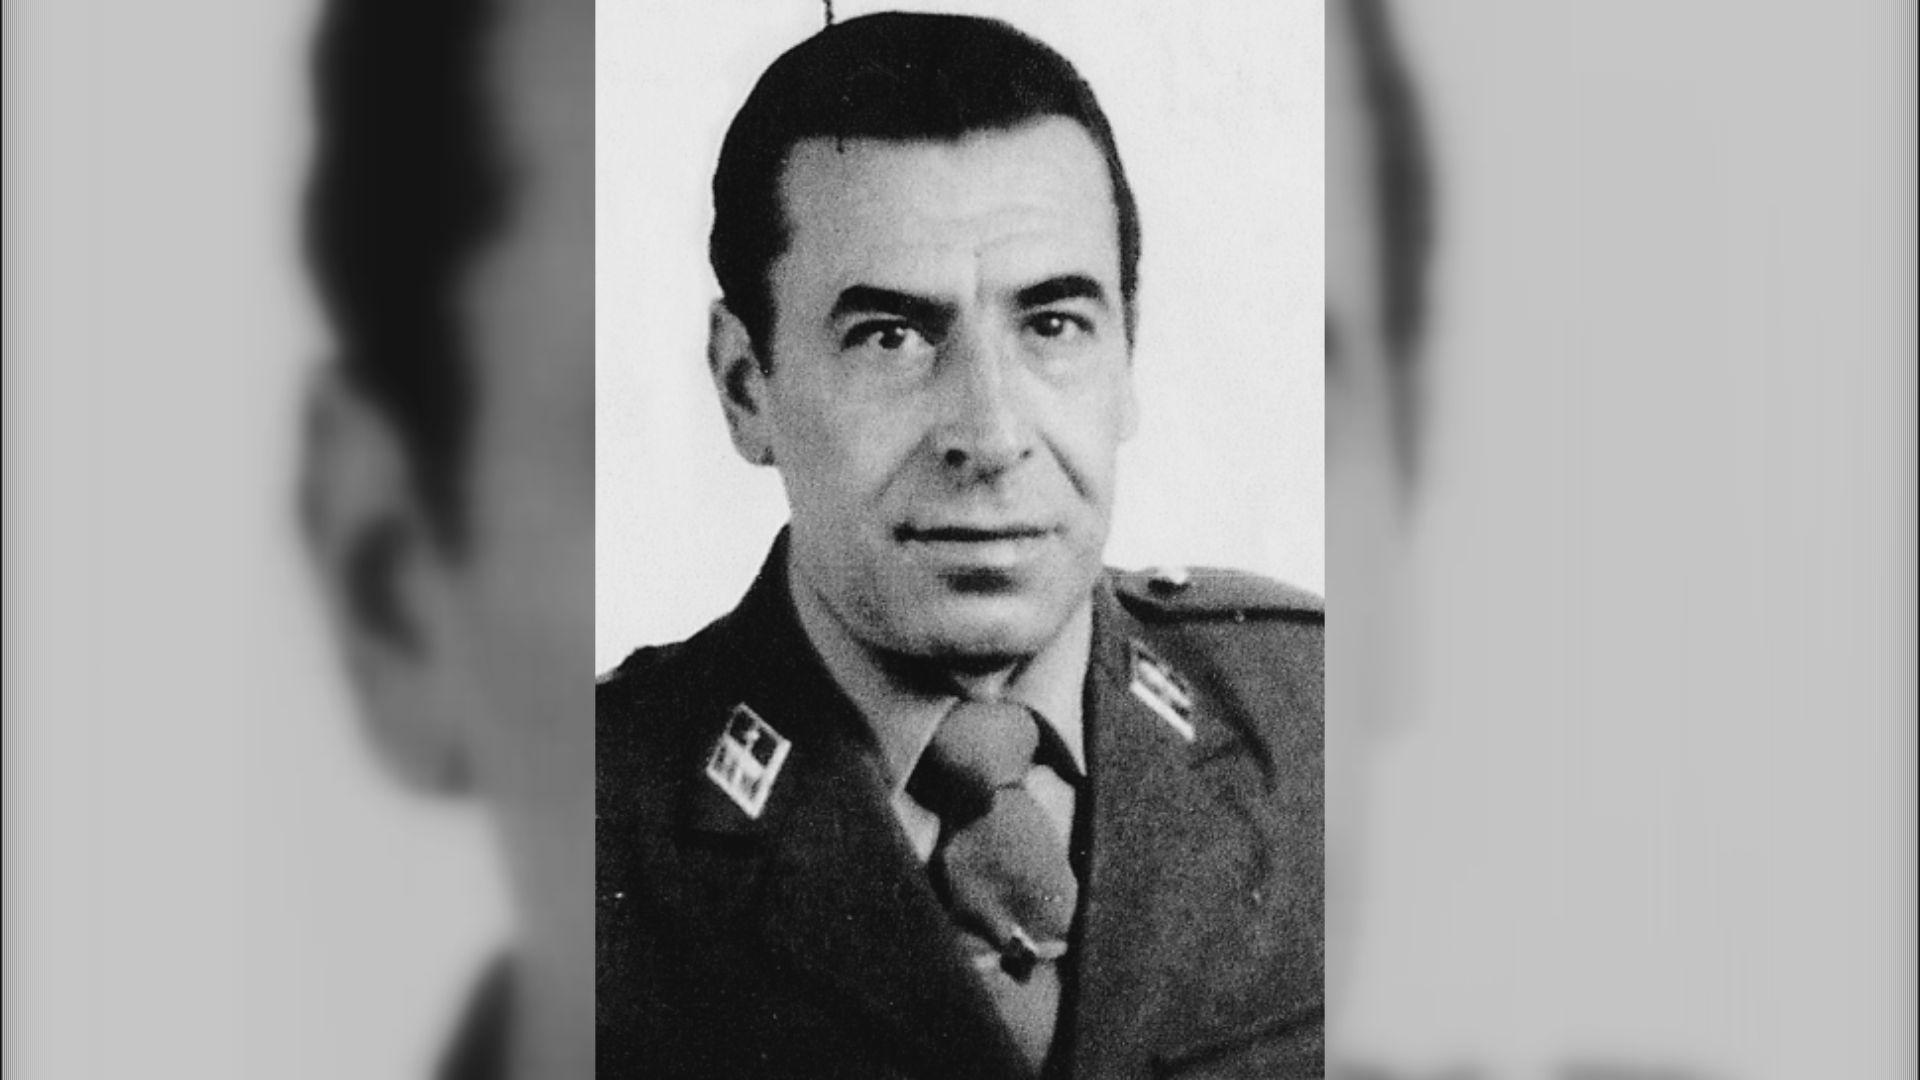 PEDRO CABEZAS GONZÁLEZ: Guardia Civil. 47 años. Natural de A Coruña. Estaba casado y tenía dos hijas